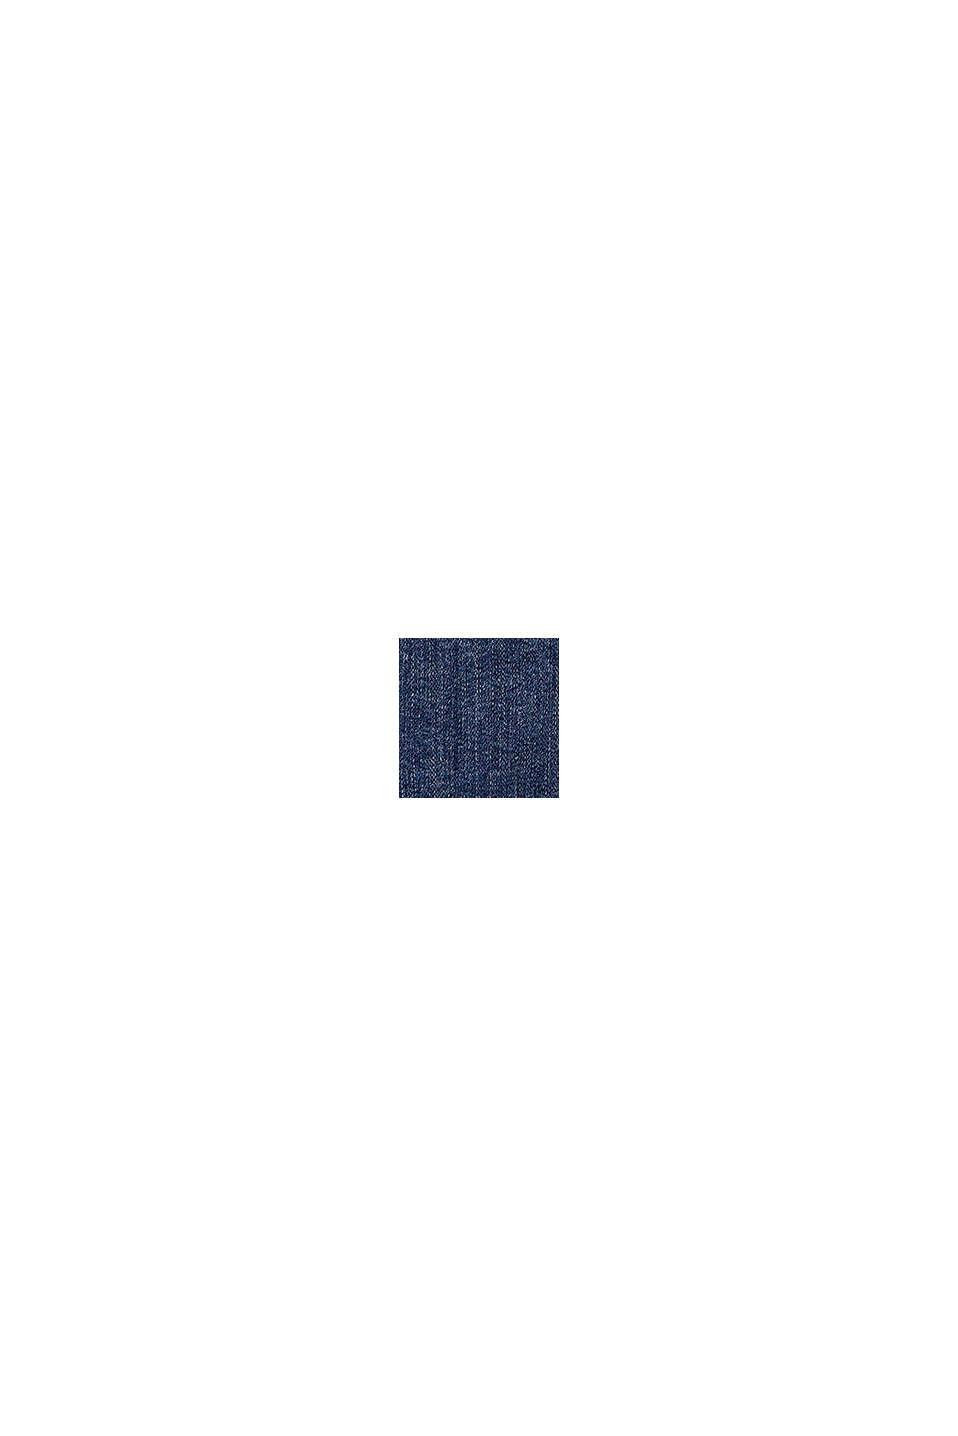 Denim rok met verstelbare band, BLUE DARK WASHED, swatch